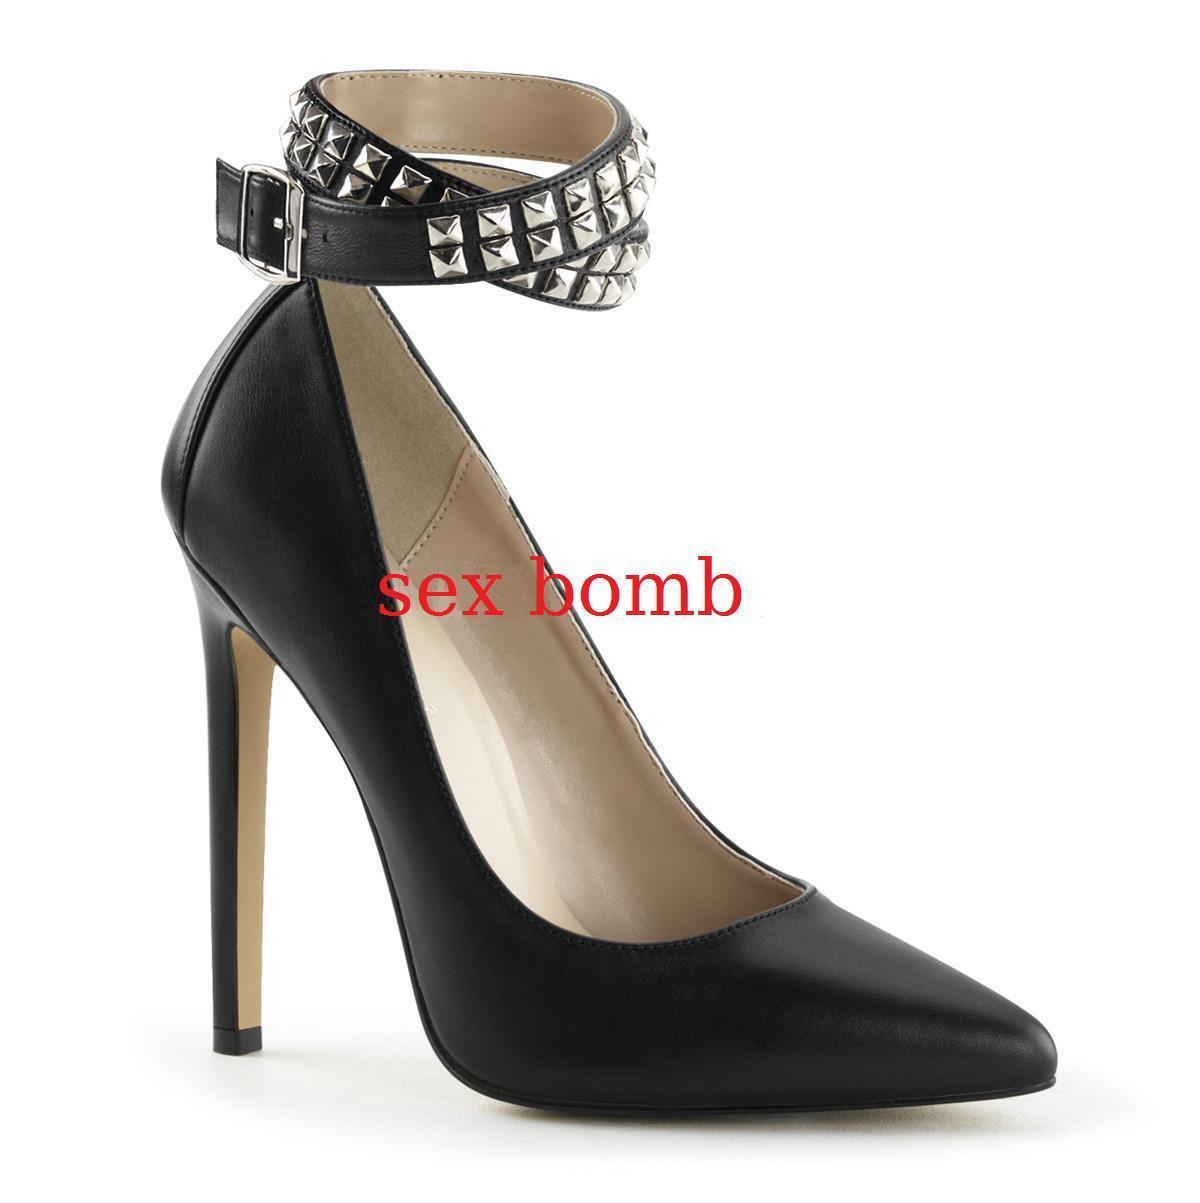 SEXY scarpe NERO DECOLTE' PELLE tacco 13 NERO scarpe dal 35 al 44